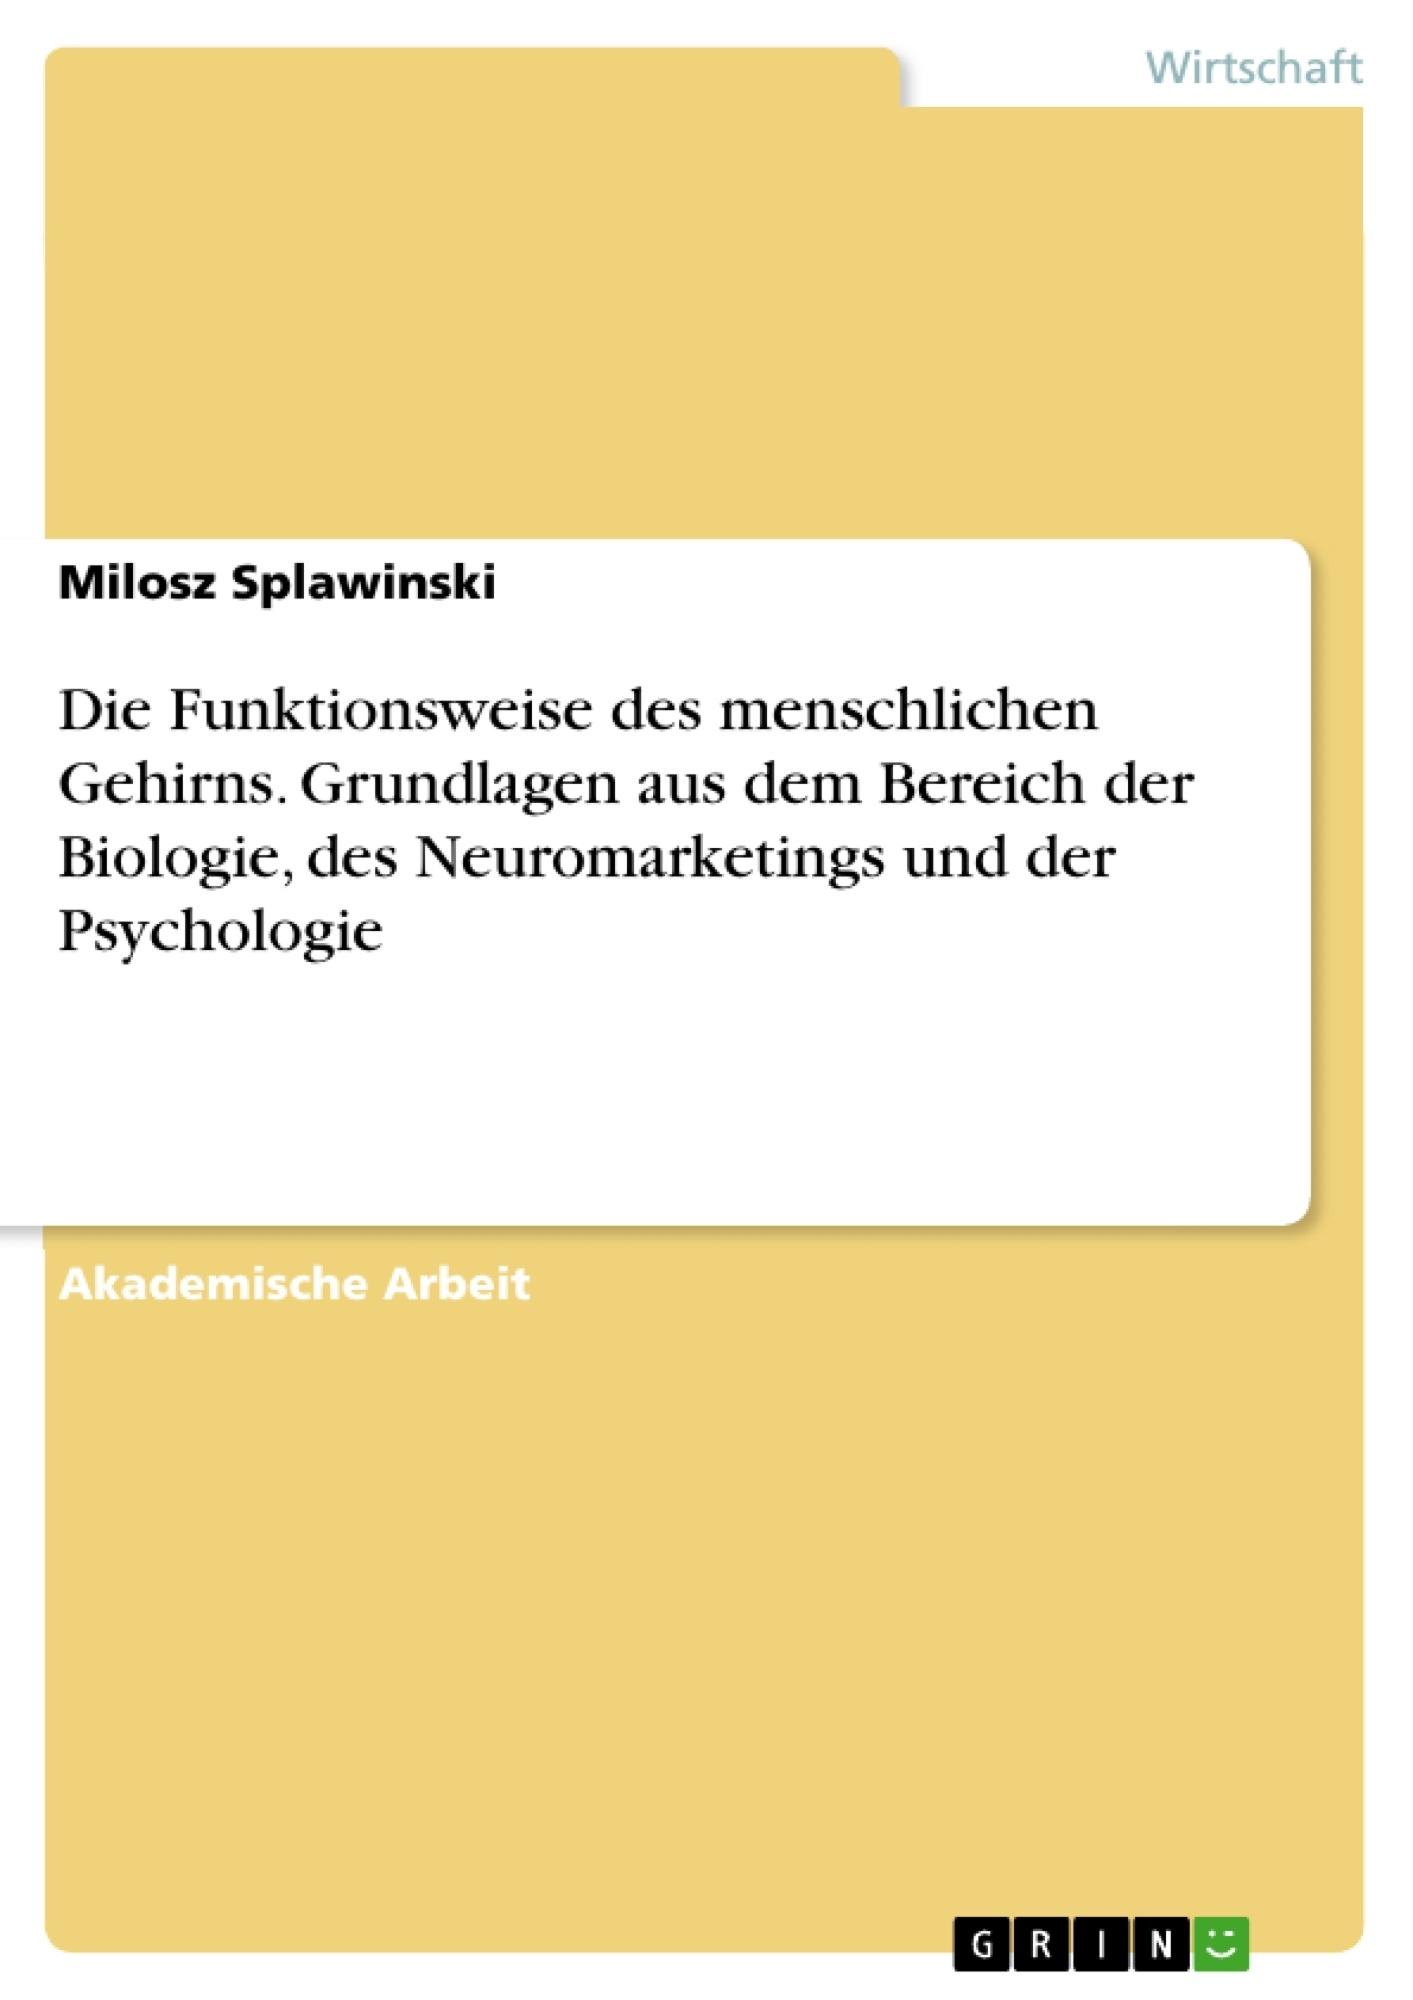 Titel: Die Funktionsweise des menschlichen Gehirns. Grundlagen aus dem Bereich der Biologie, des Neuromarketings und der Psychologie